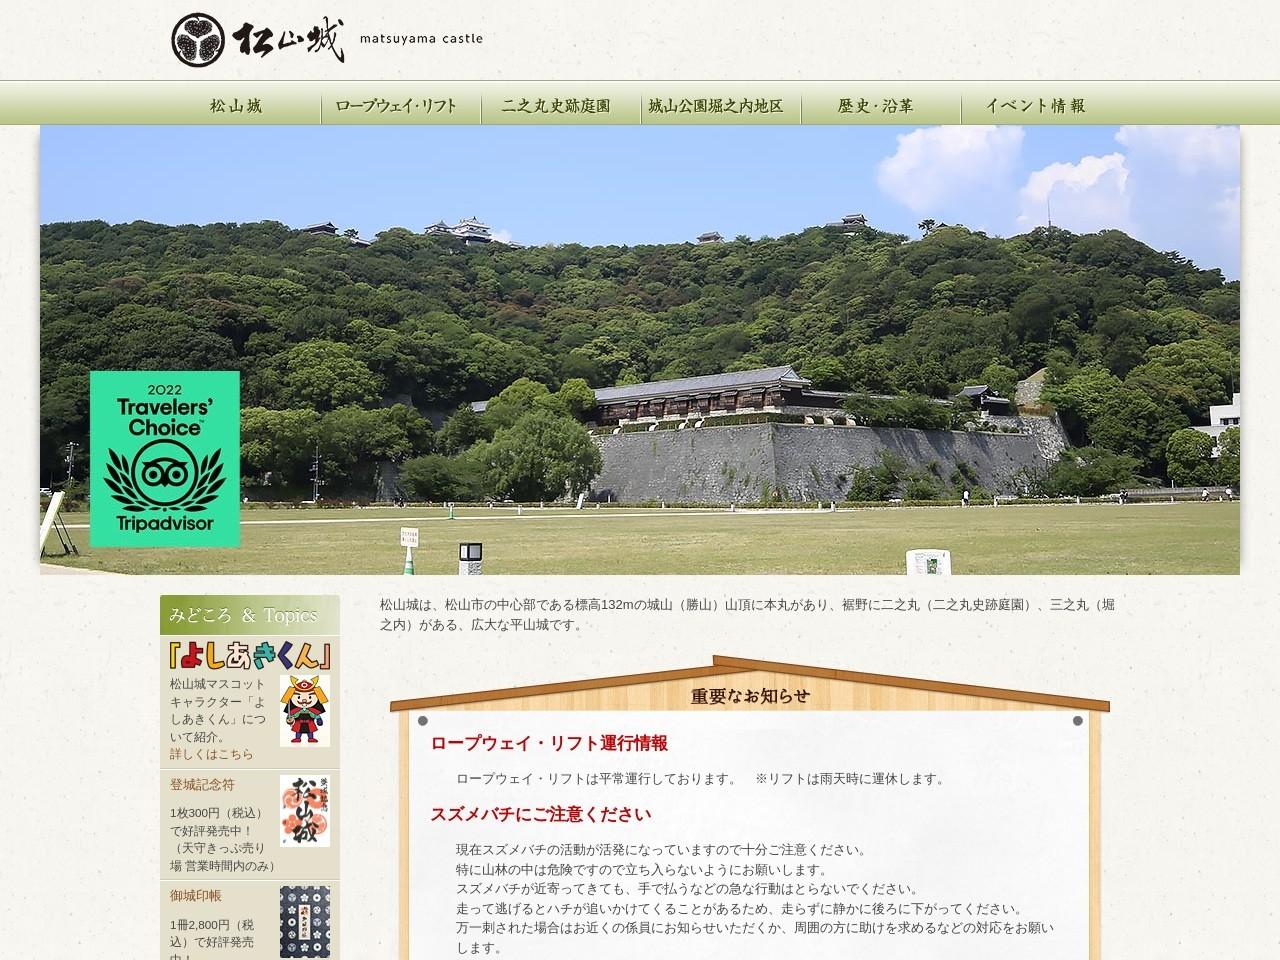 松山城 | 観光・イベント案内 | お城のお正月 | 松山城